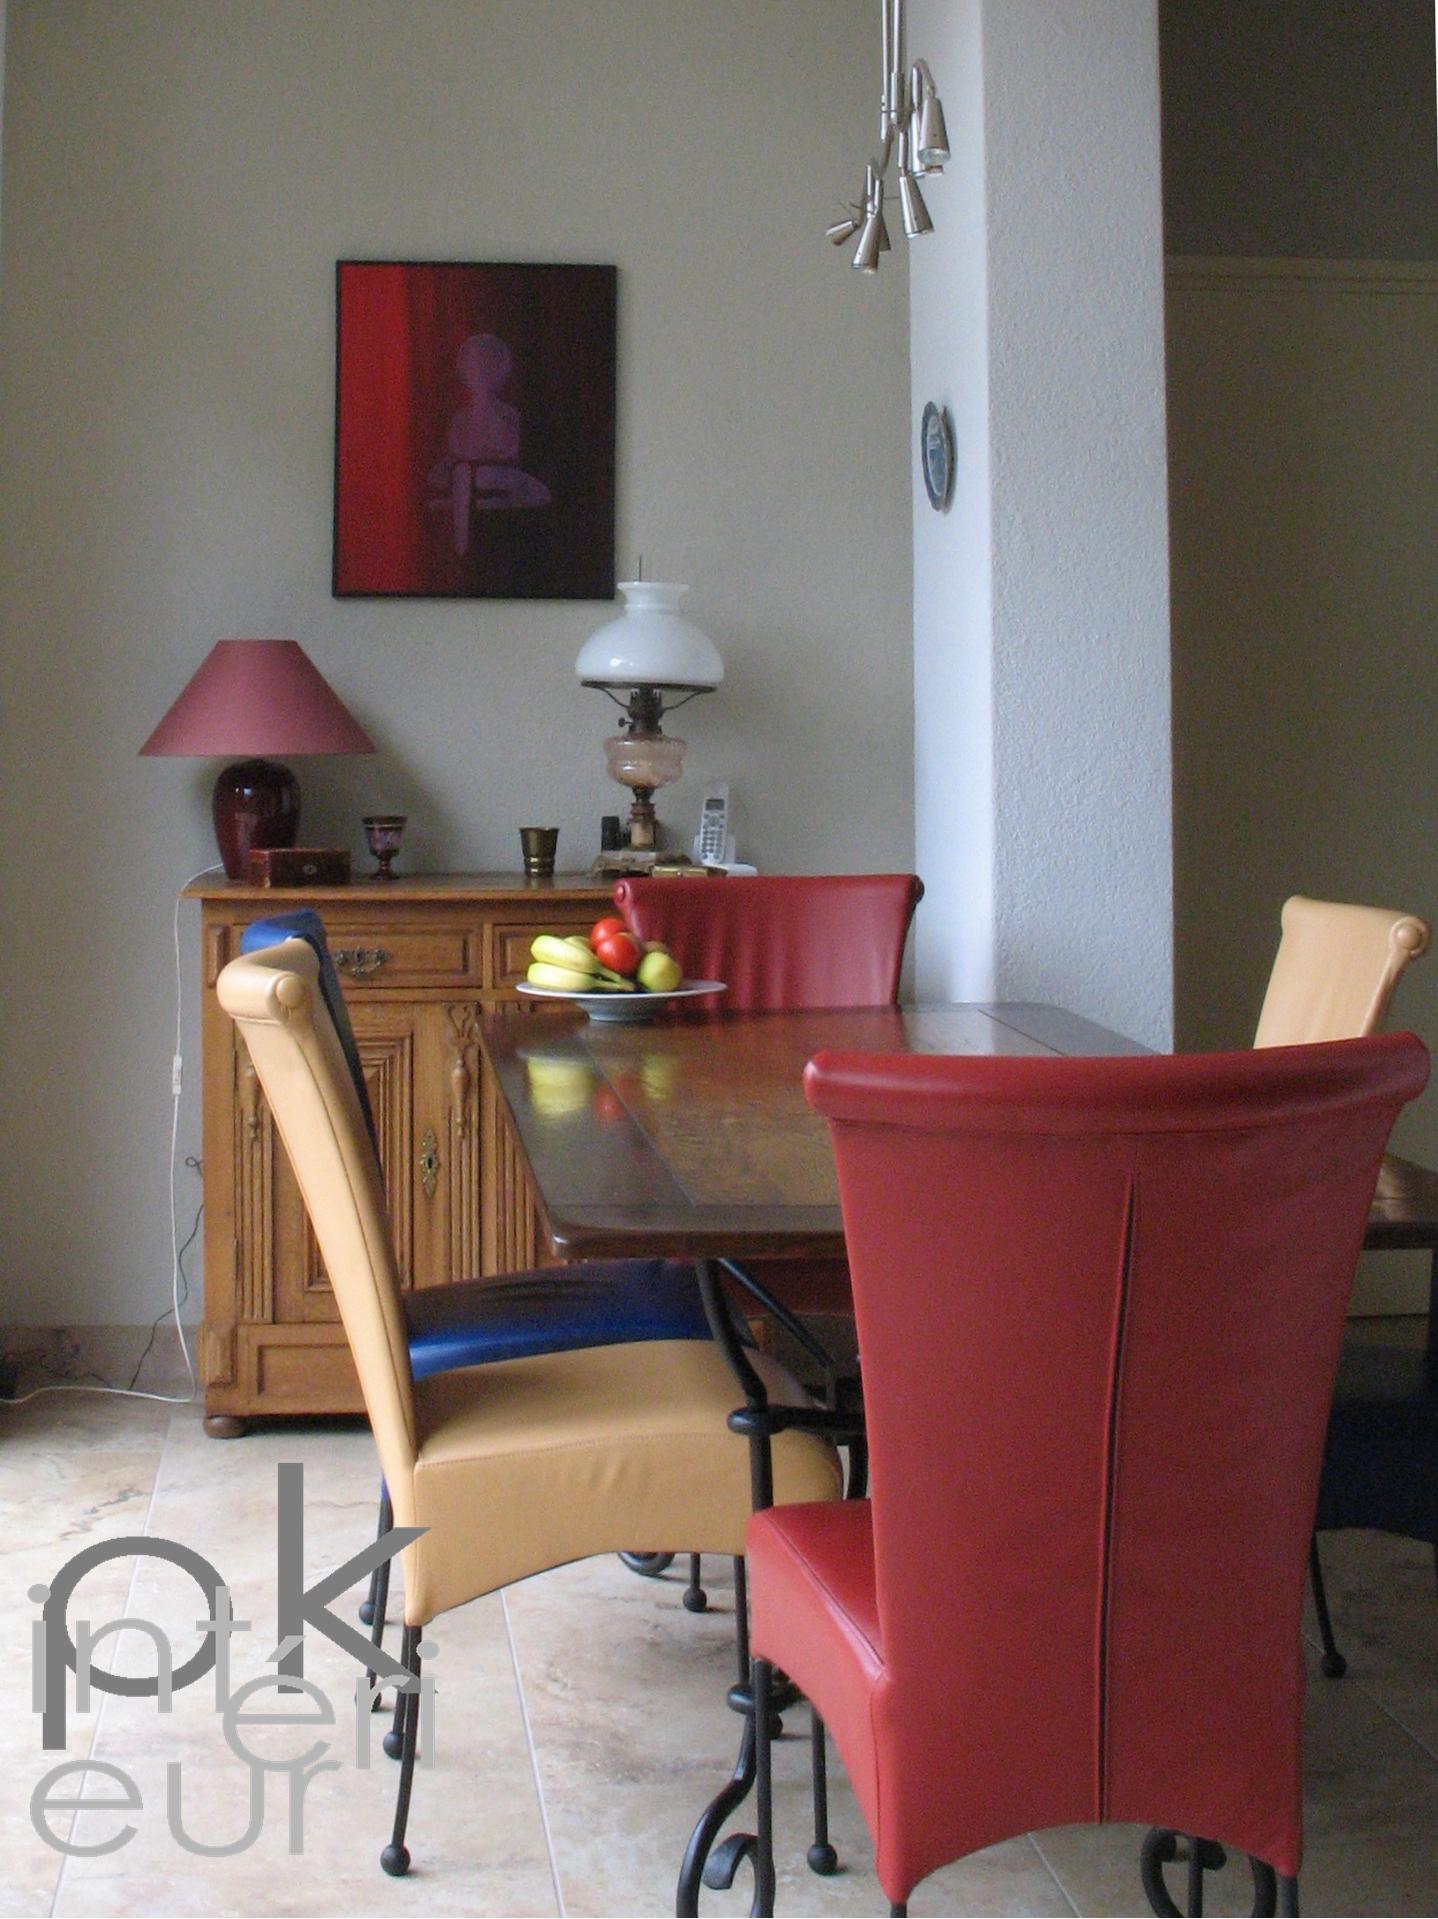 Conseil d int rieur et d coration d habitation pk for Conseil decoration interieur